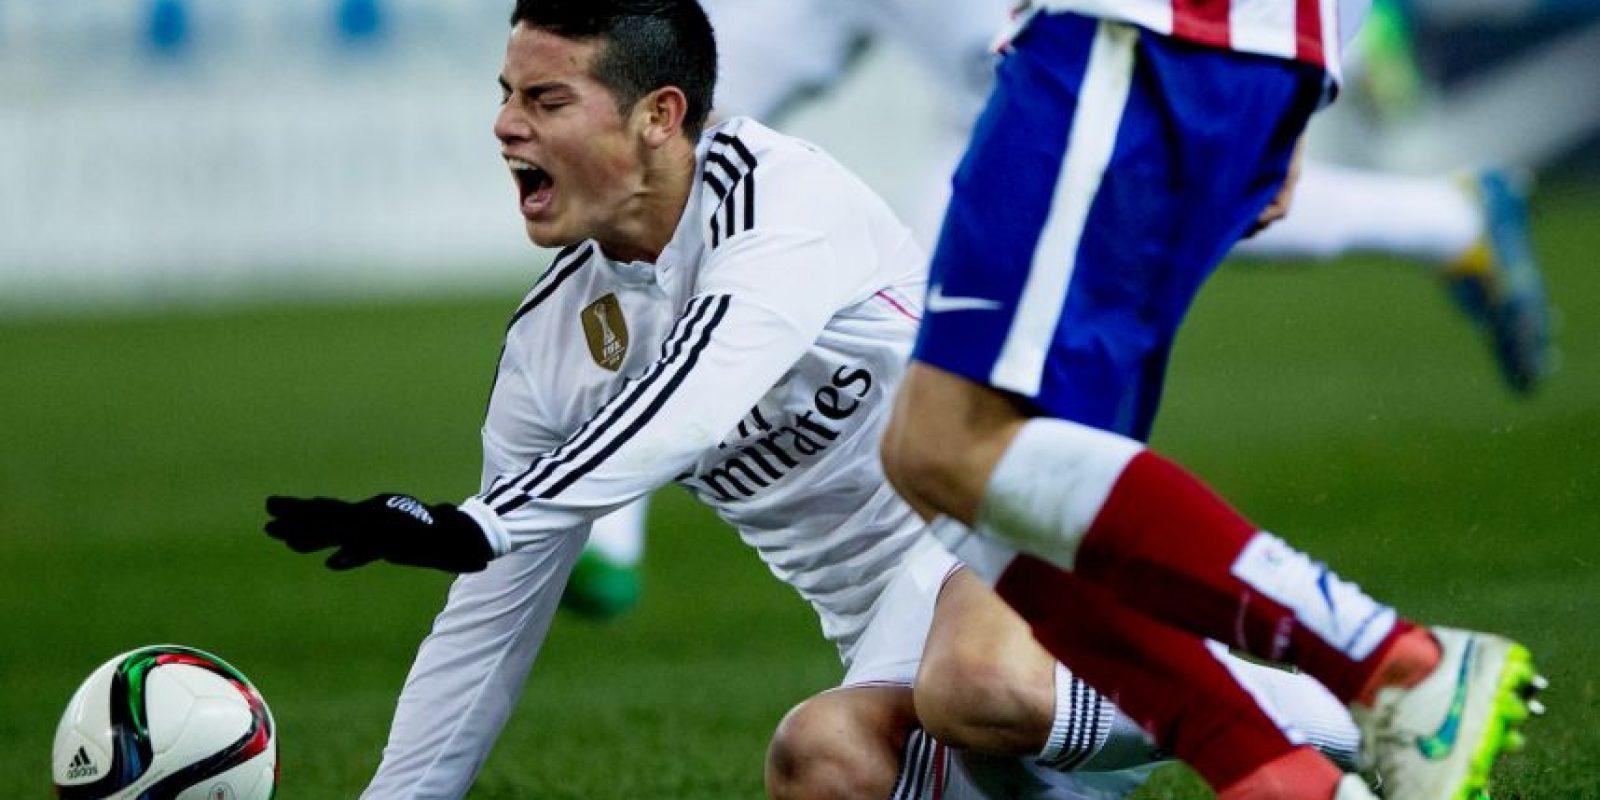 Los blancos cayeron 2-0 en el partido de ida de los octavos de final de la Copa del Rey Foto:Getty